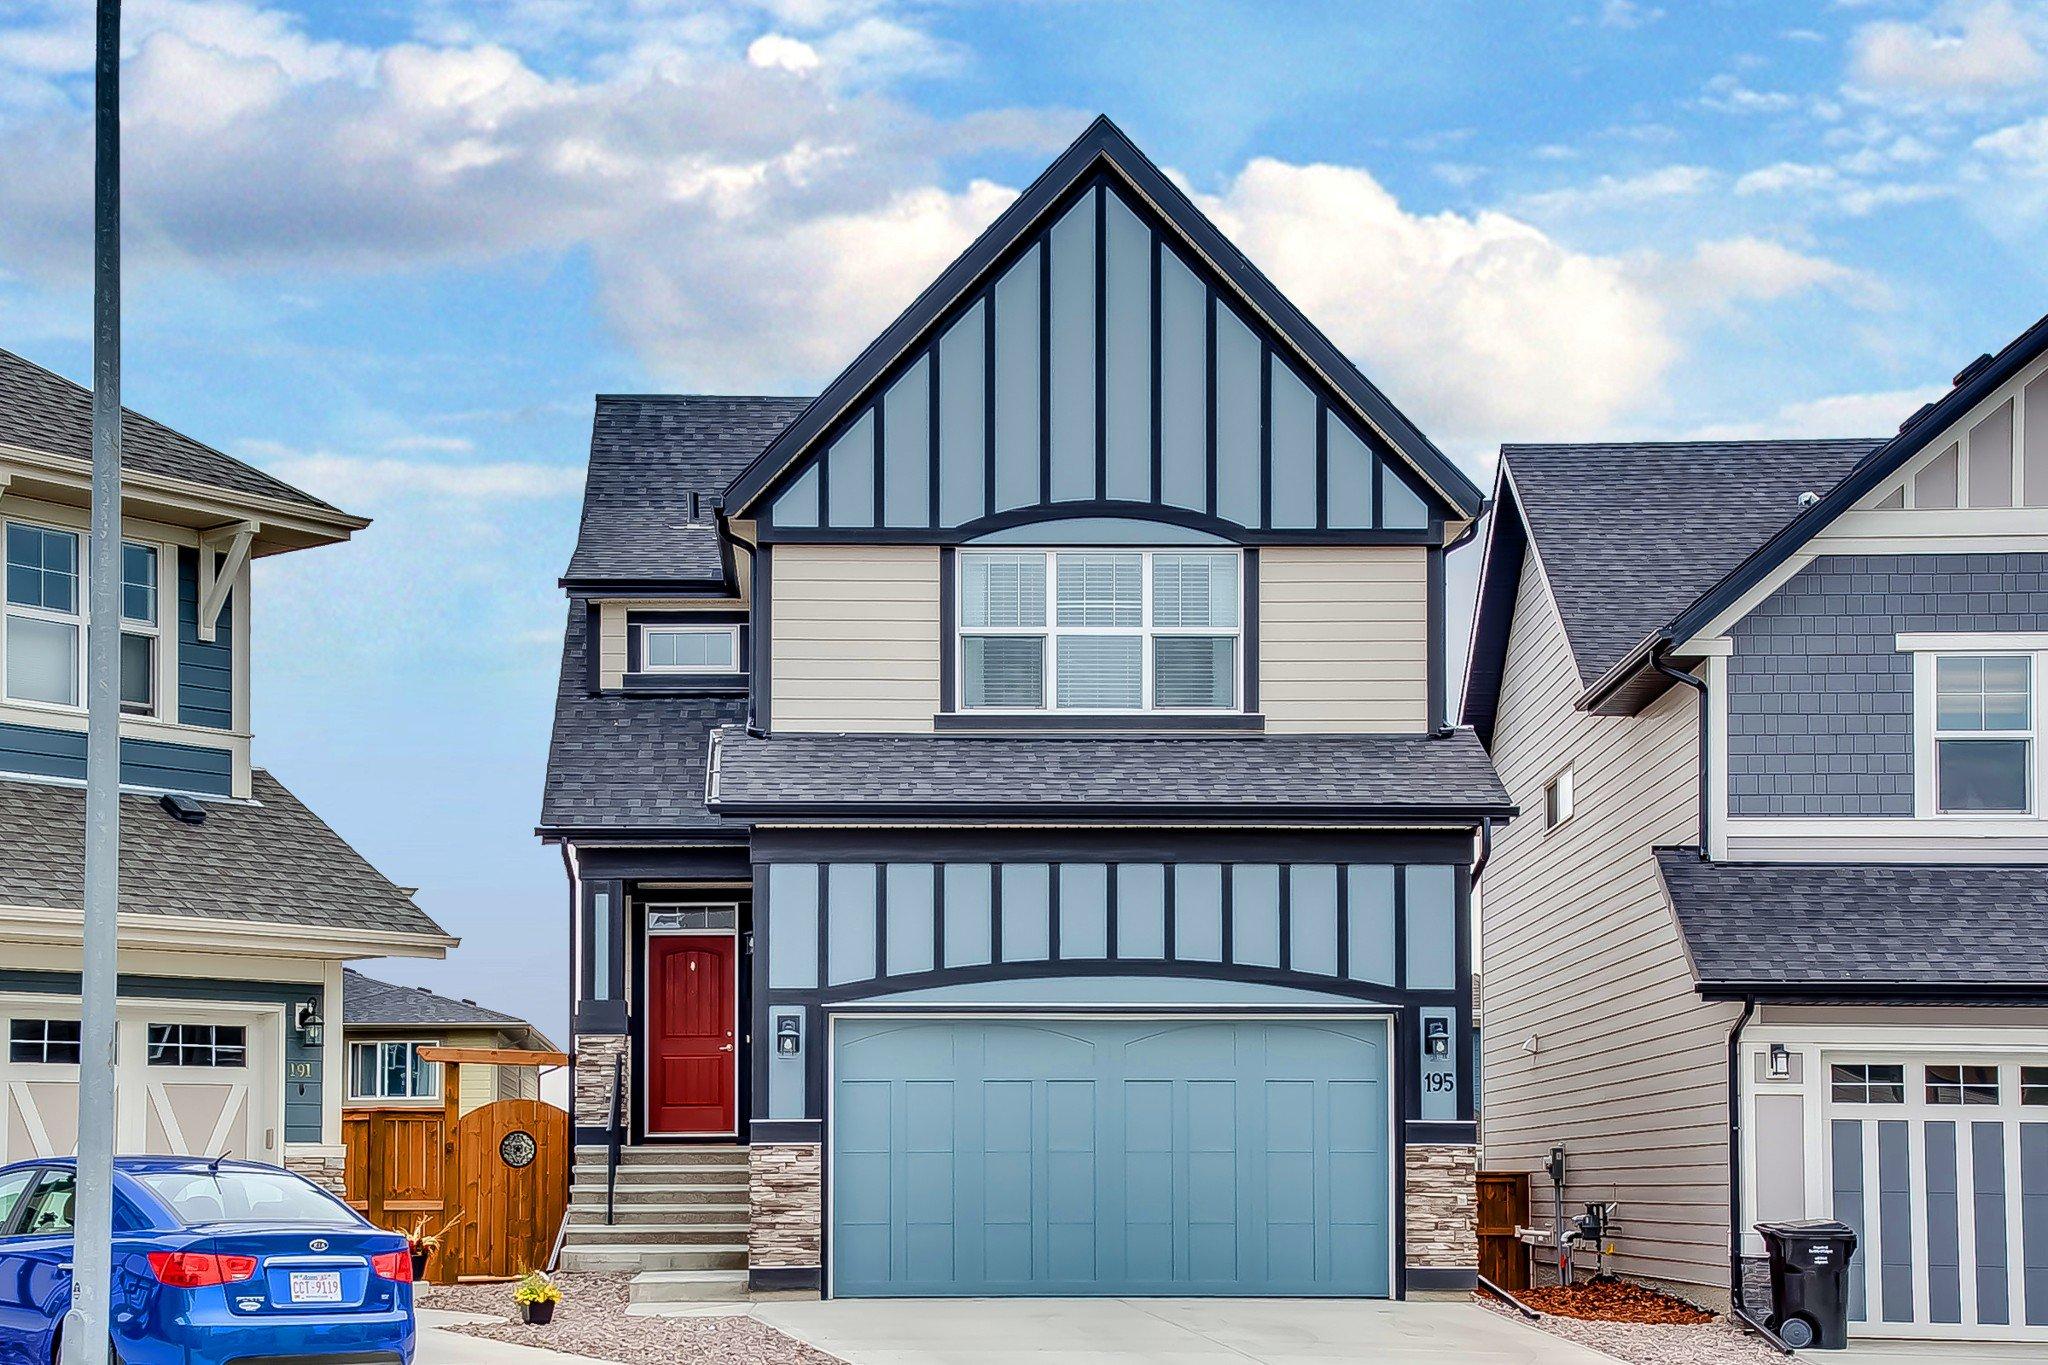 Main Photo: 195 MAHOGANY Passage SE in Calgary: Mahogany House for sale : MLS®# C4267051